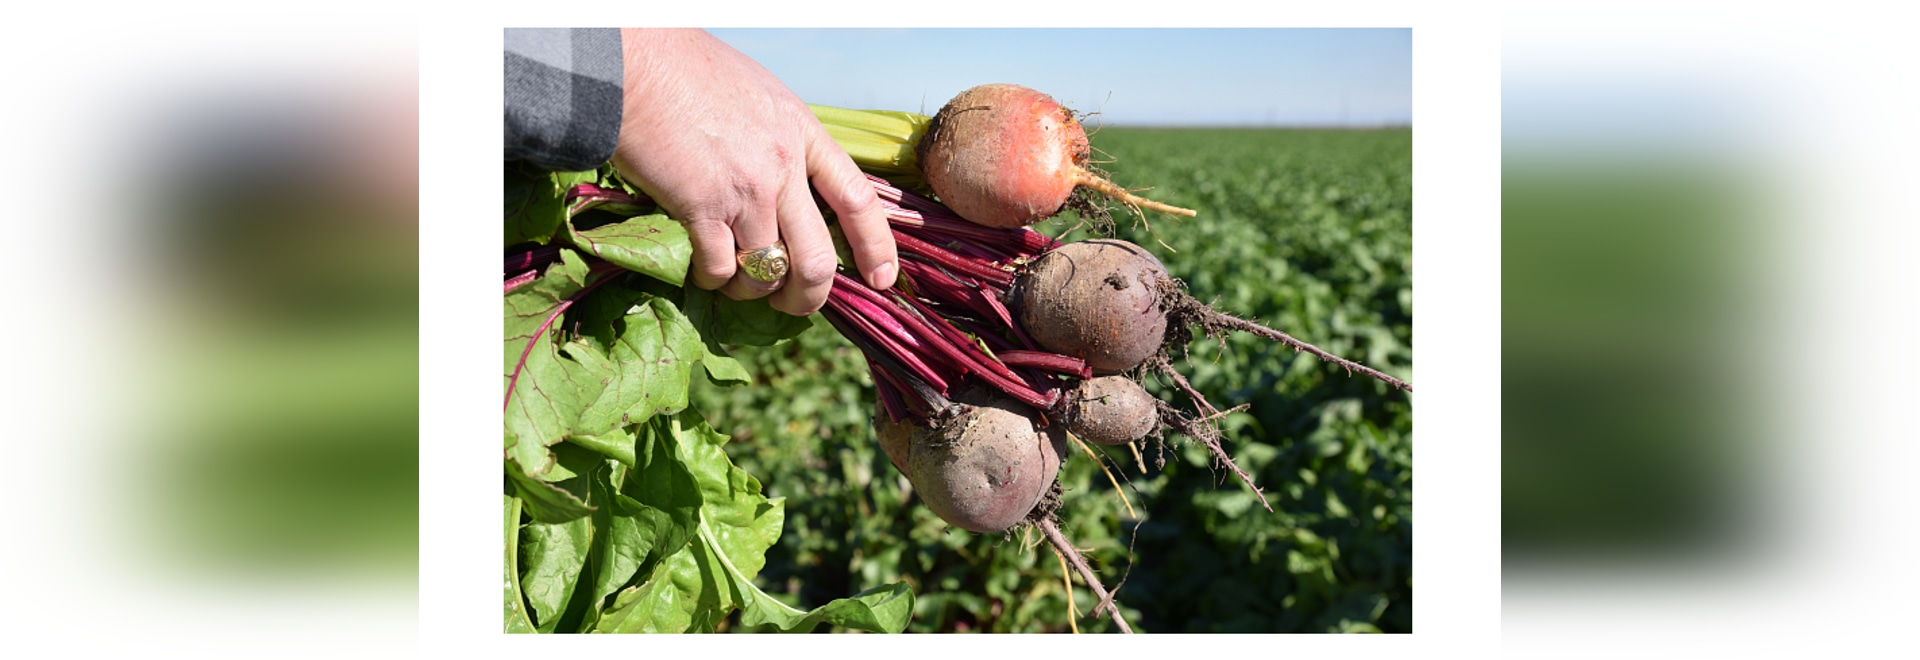 SunFed's Texas beets, onions ready soon